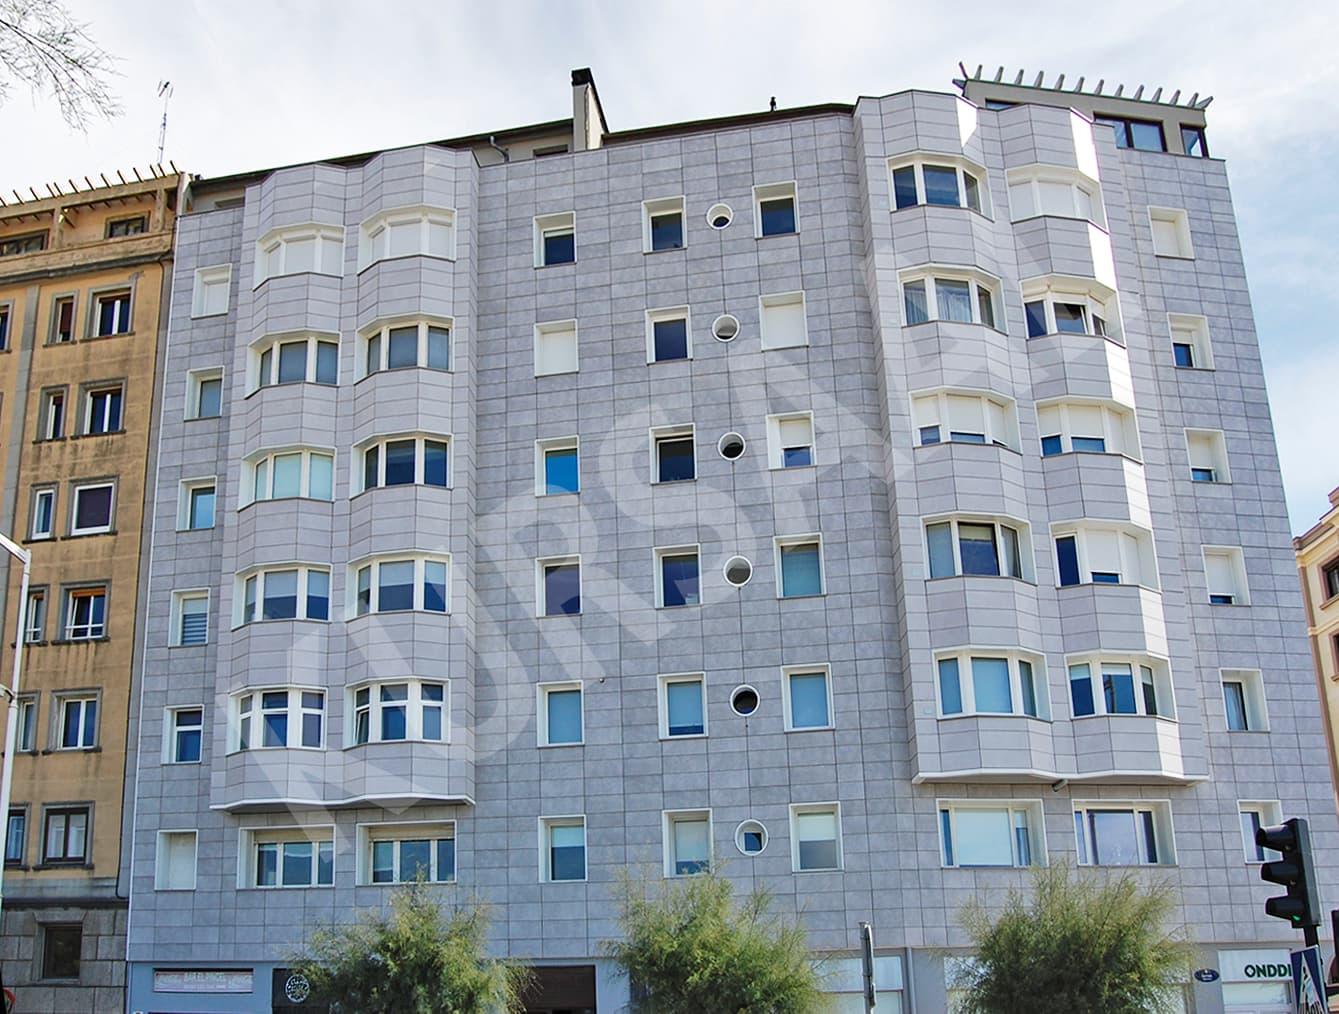 foto 4 - Aislamientos Térmicos y Eficiencia Energética-Zurriola, 44-DONOSTIA, GIPUZKOA